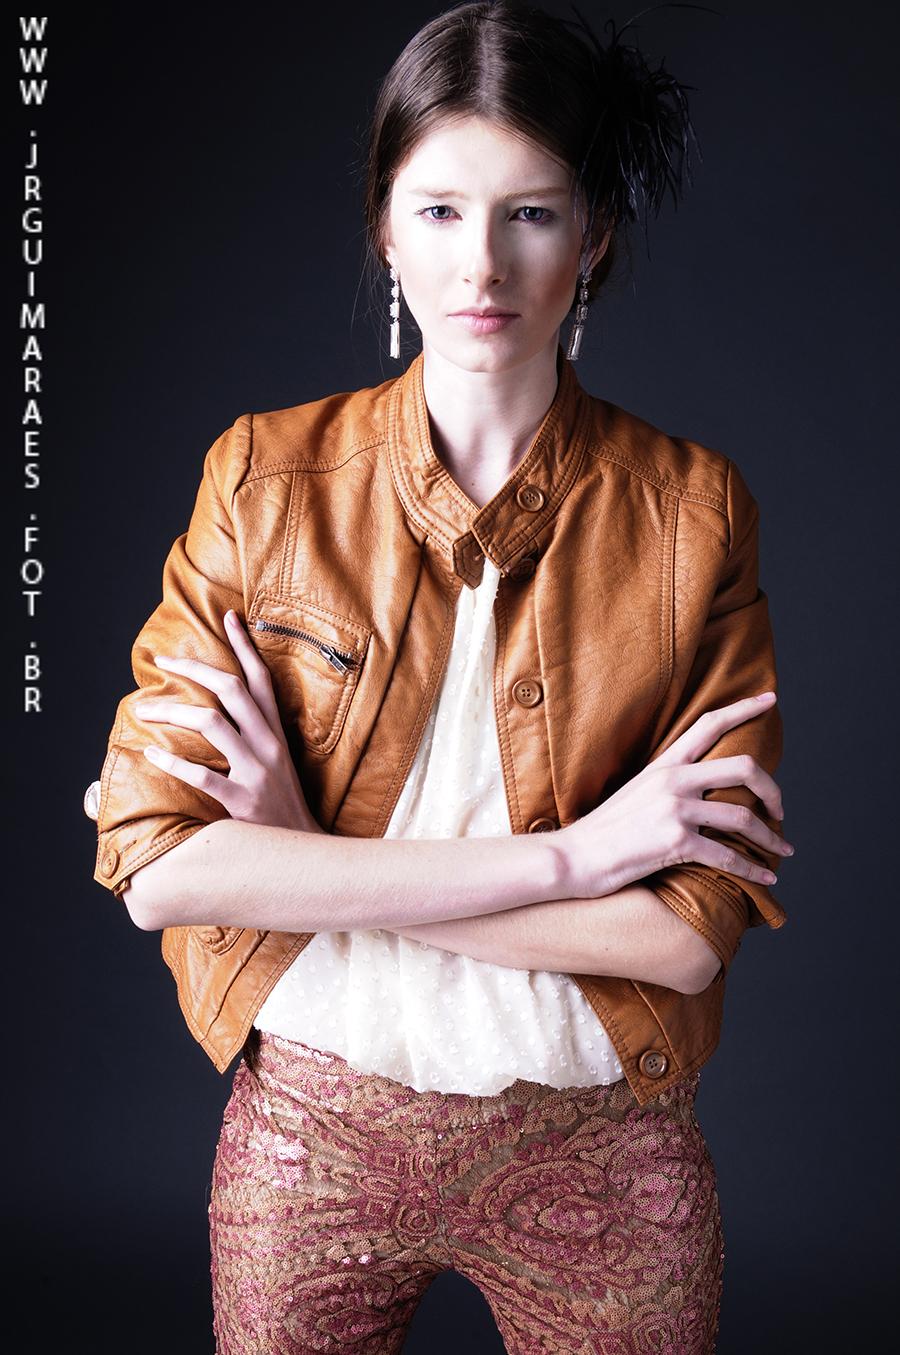 fotografia de moda conceitual